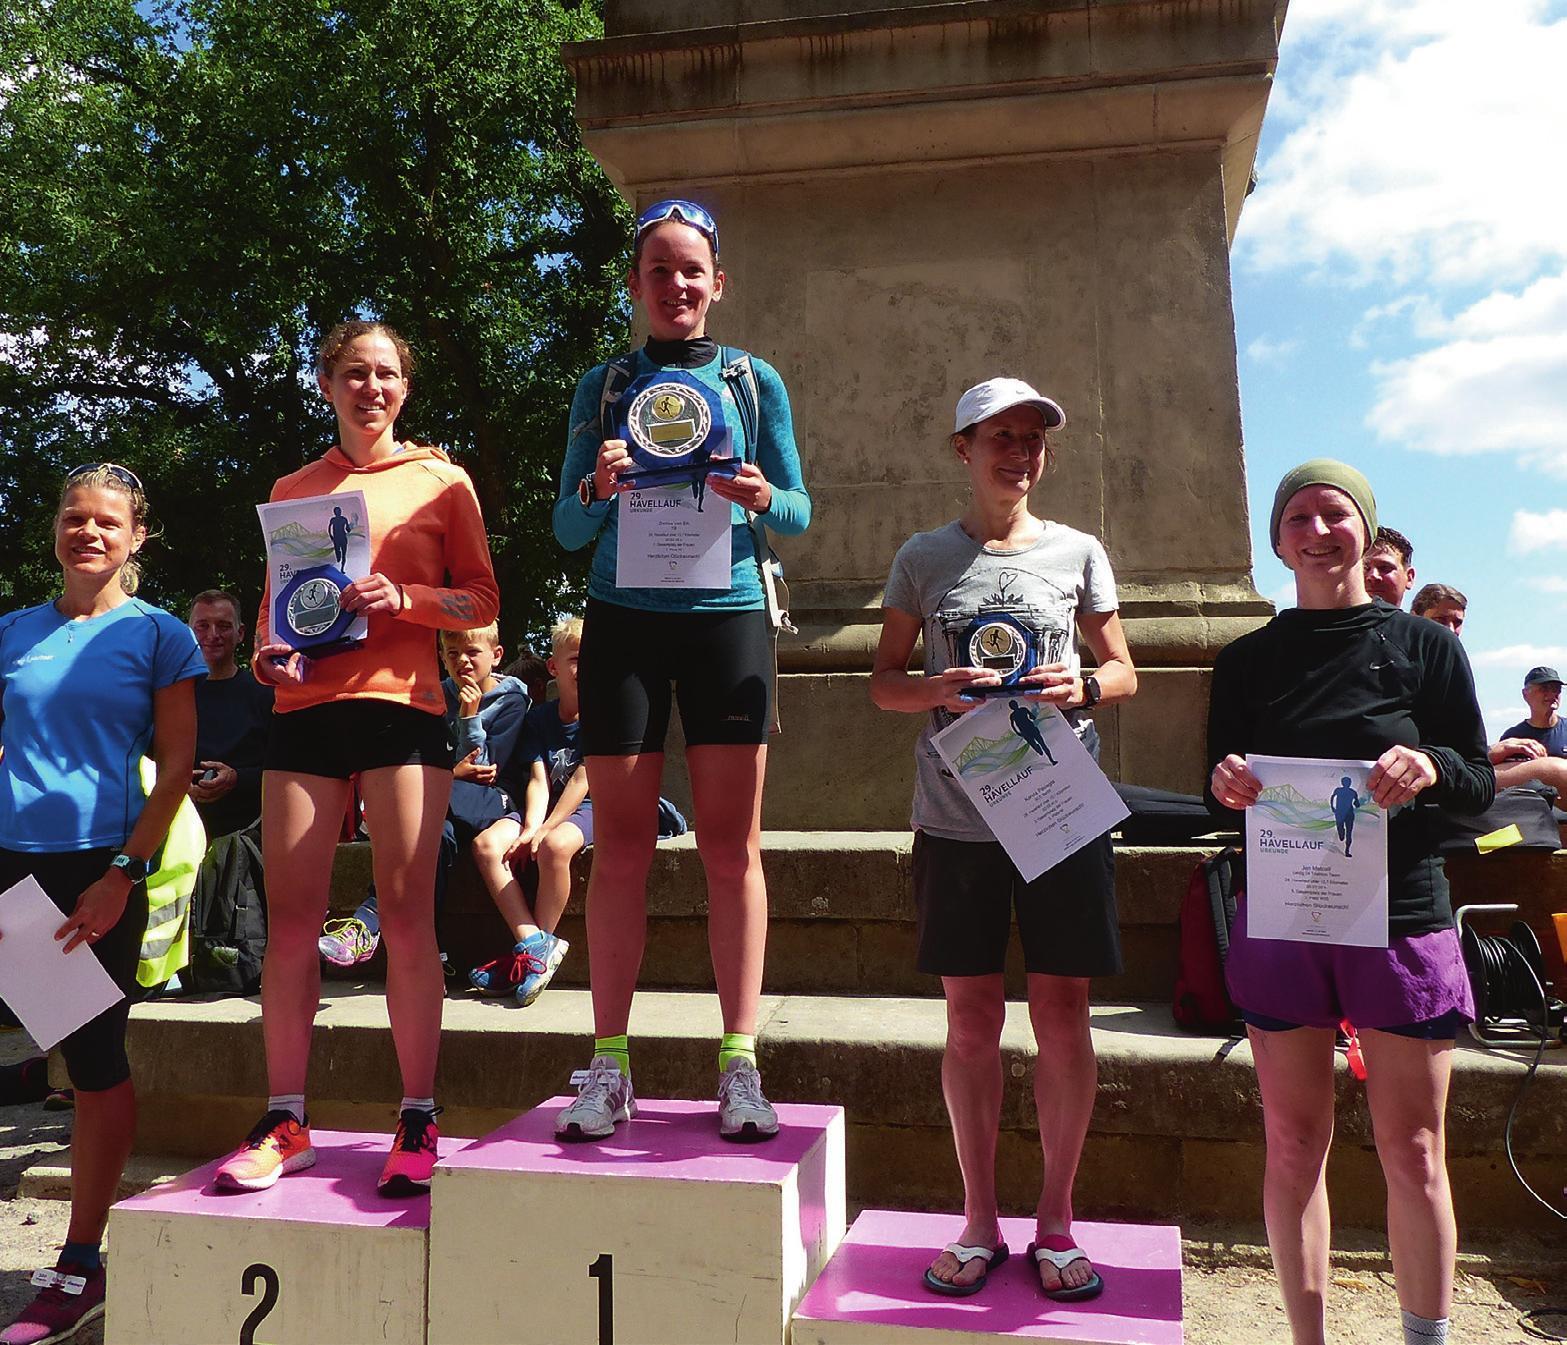 Stolze Gewinner und Platzierte bei der Siegerehrung nach dem Havellauf am Flensburger Löwen